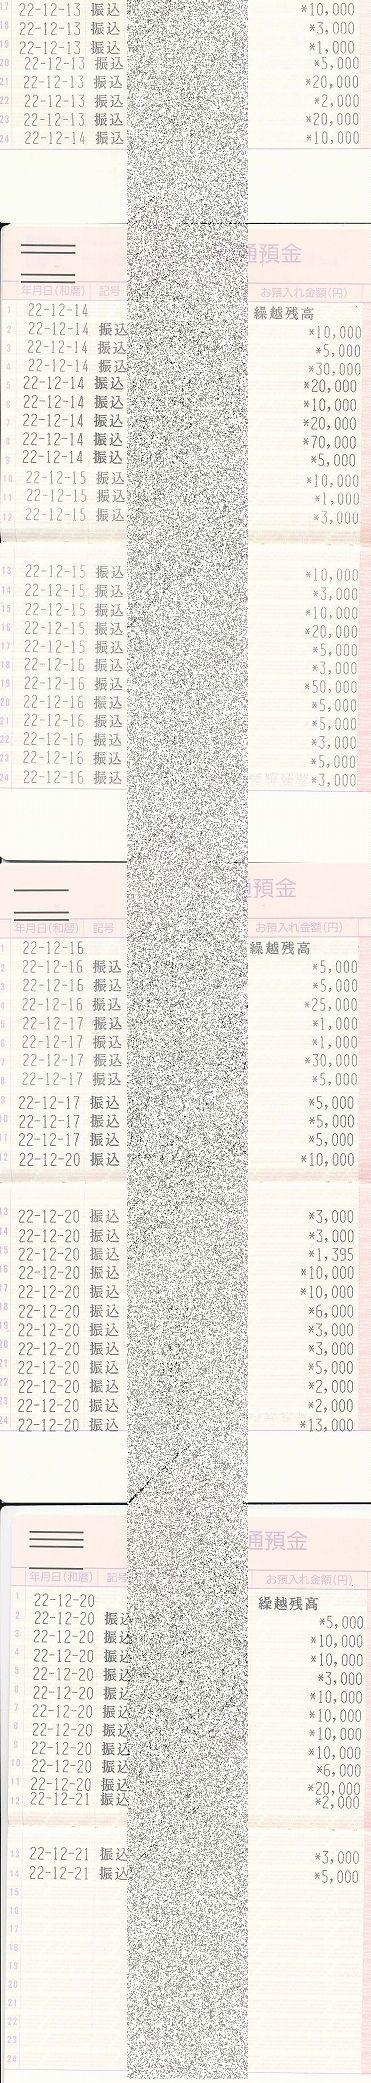 美鈴公式サイト動物愛護募金係20101213〜1220